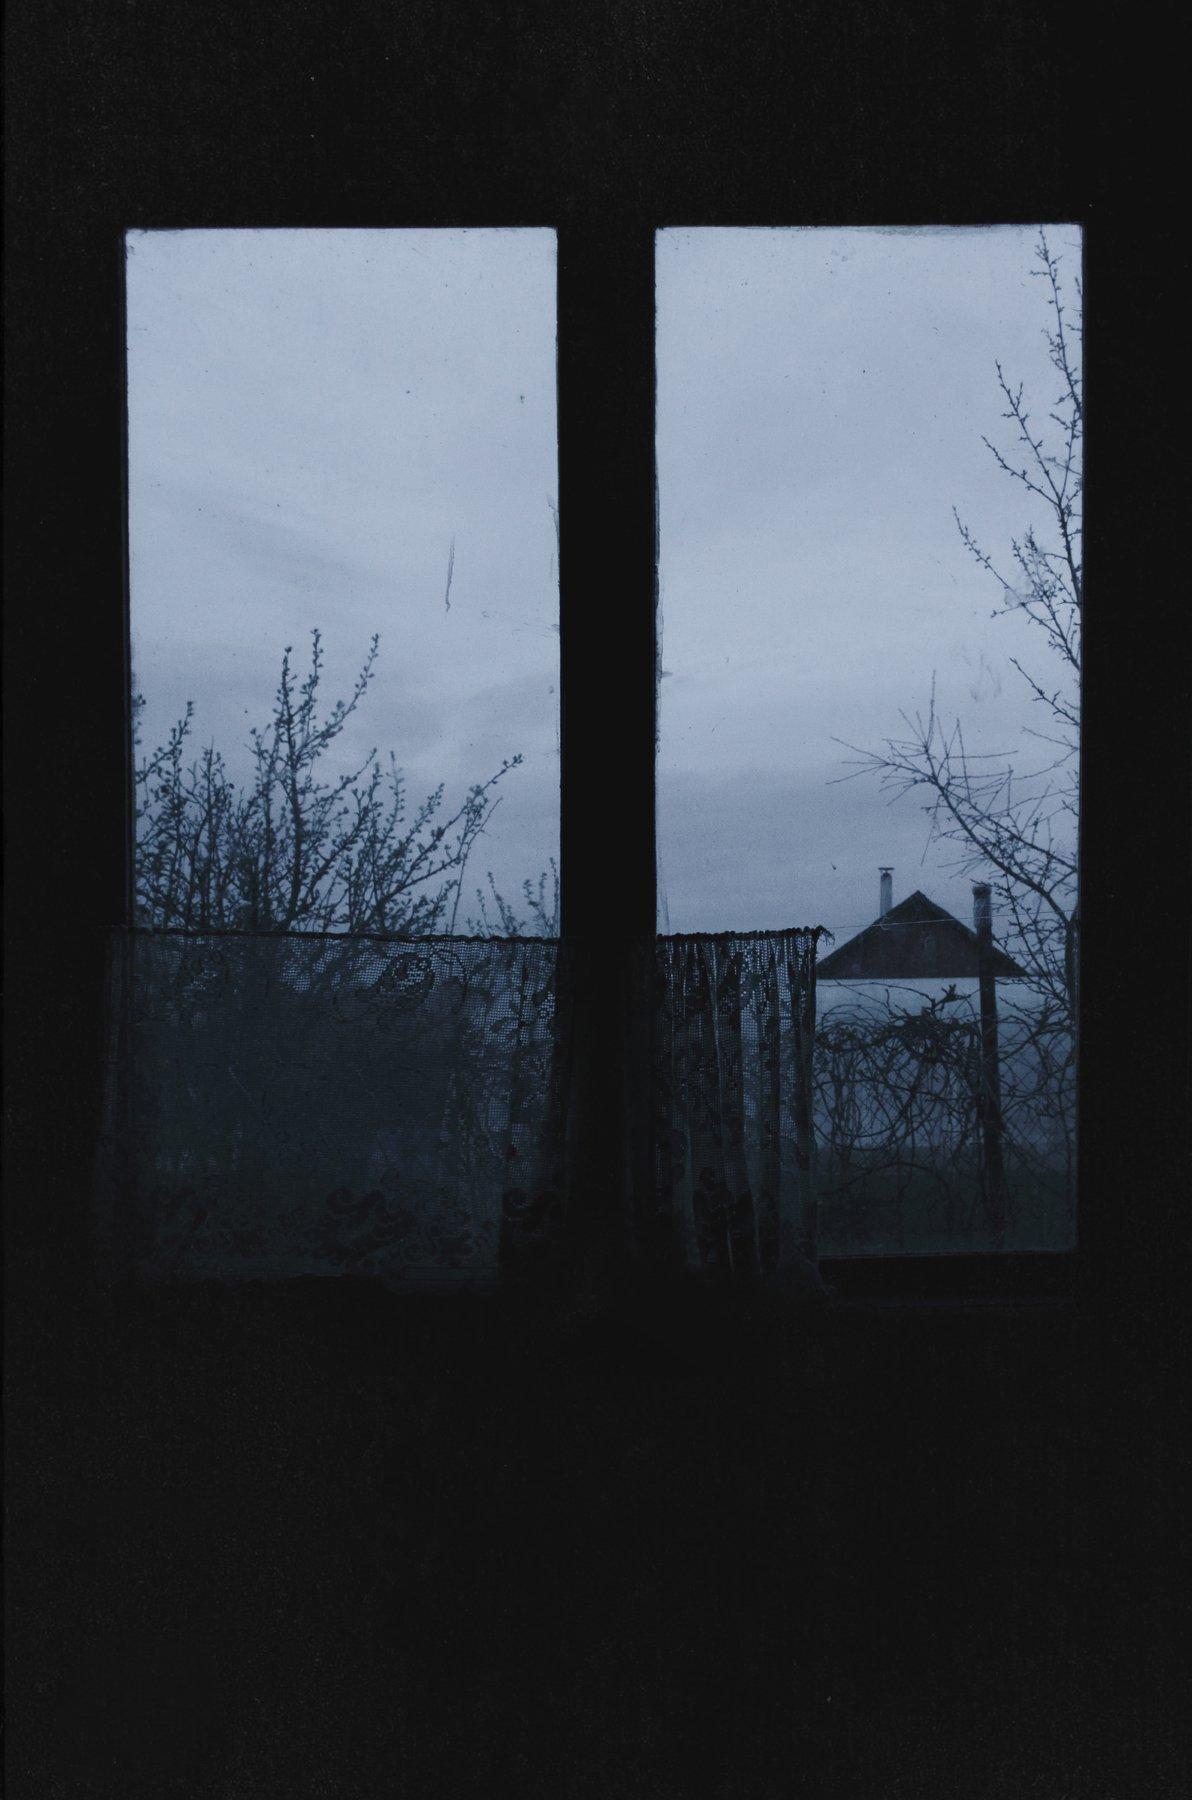 окно, вечер, деревня, сумерки, анна салтыкова, Анна Сергеевна Салтыкова (Анка)